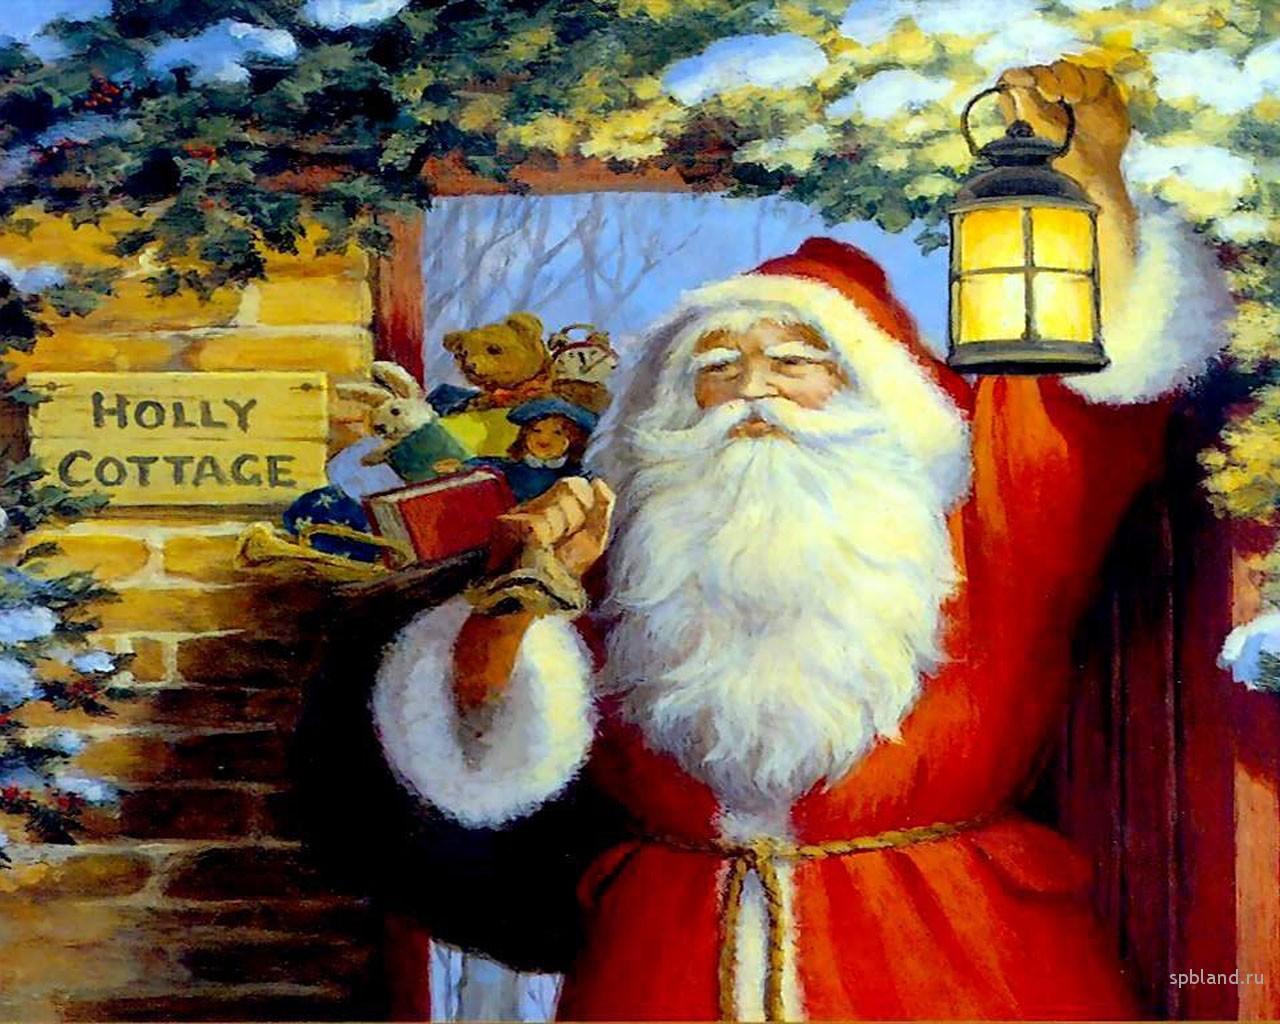 クリスマスのサンタ